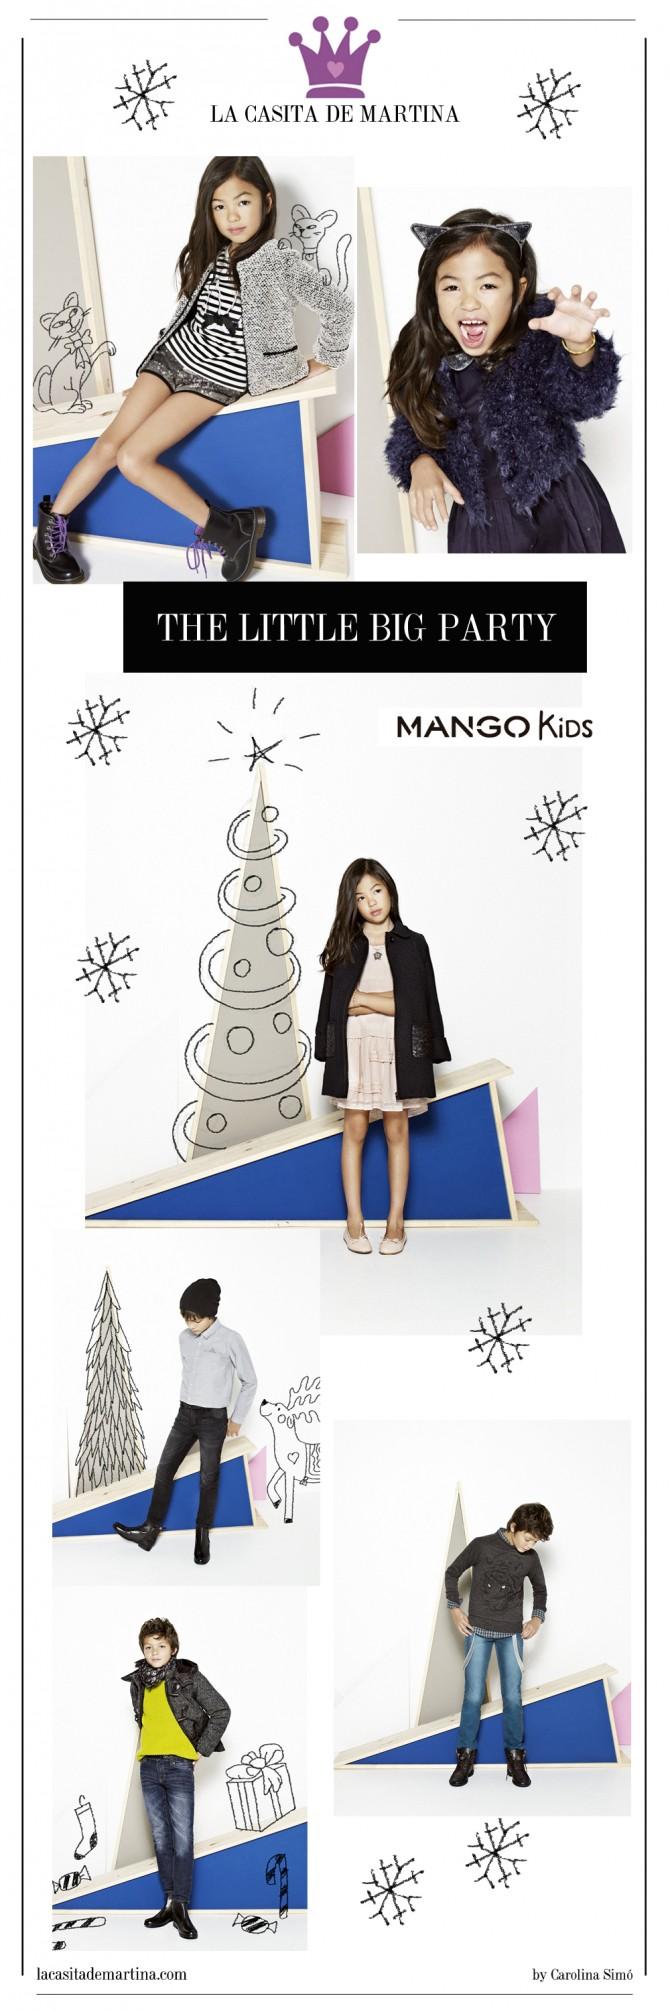 Mango niños, Ropa vestir niños Navidad, Blog Moda Infantil, Pajaritas niños,  La casita de Martina